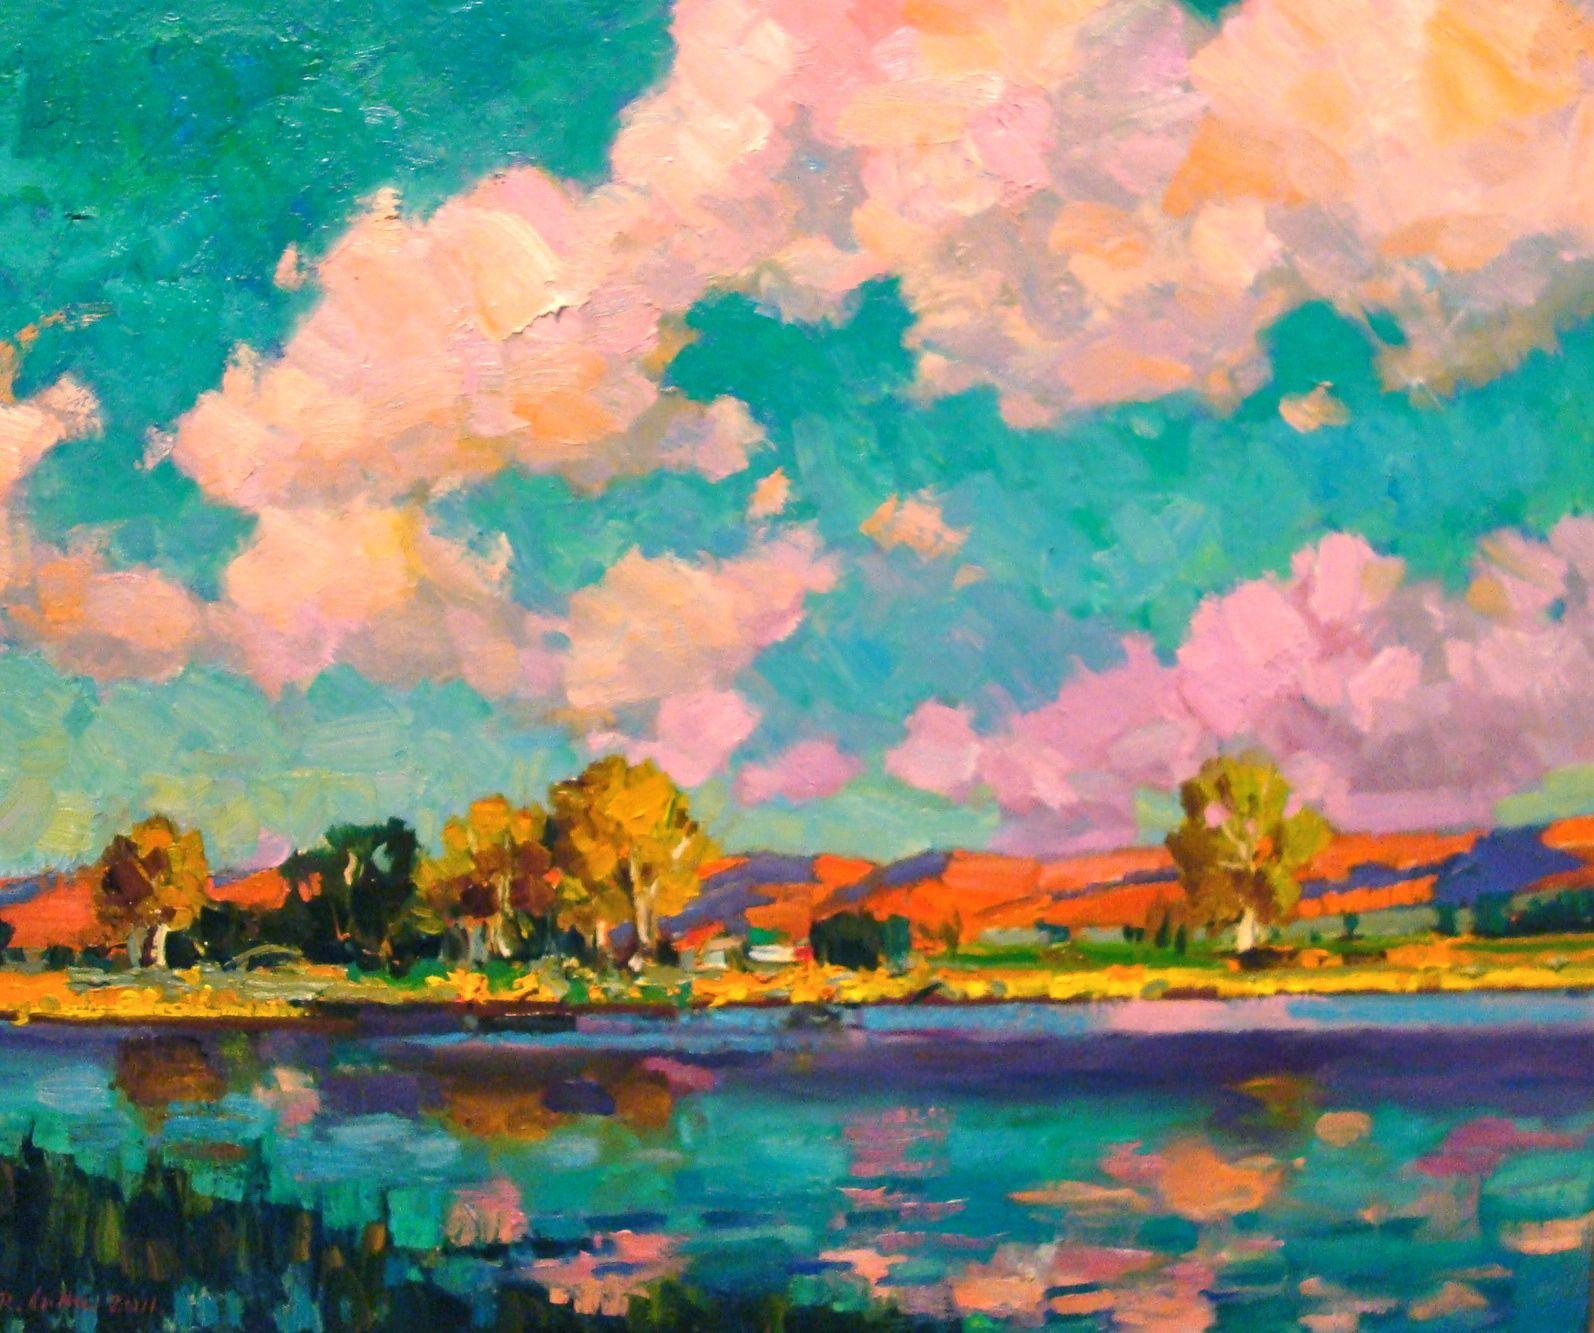 Strates pond Fauve | Fauves, Fauvisme, Peinture paysage